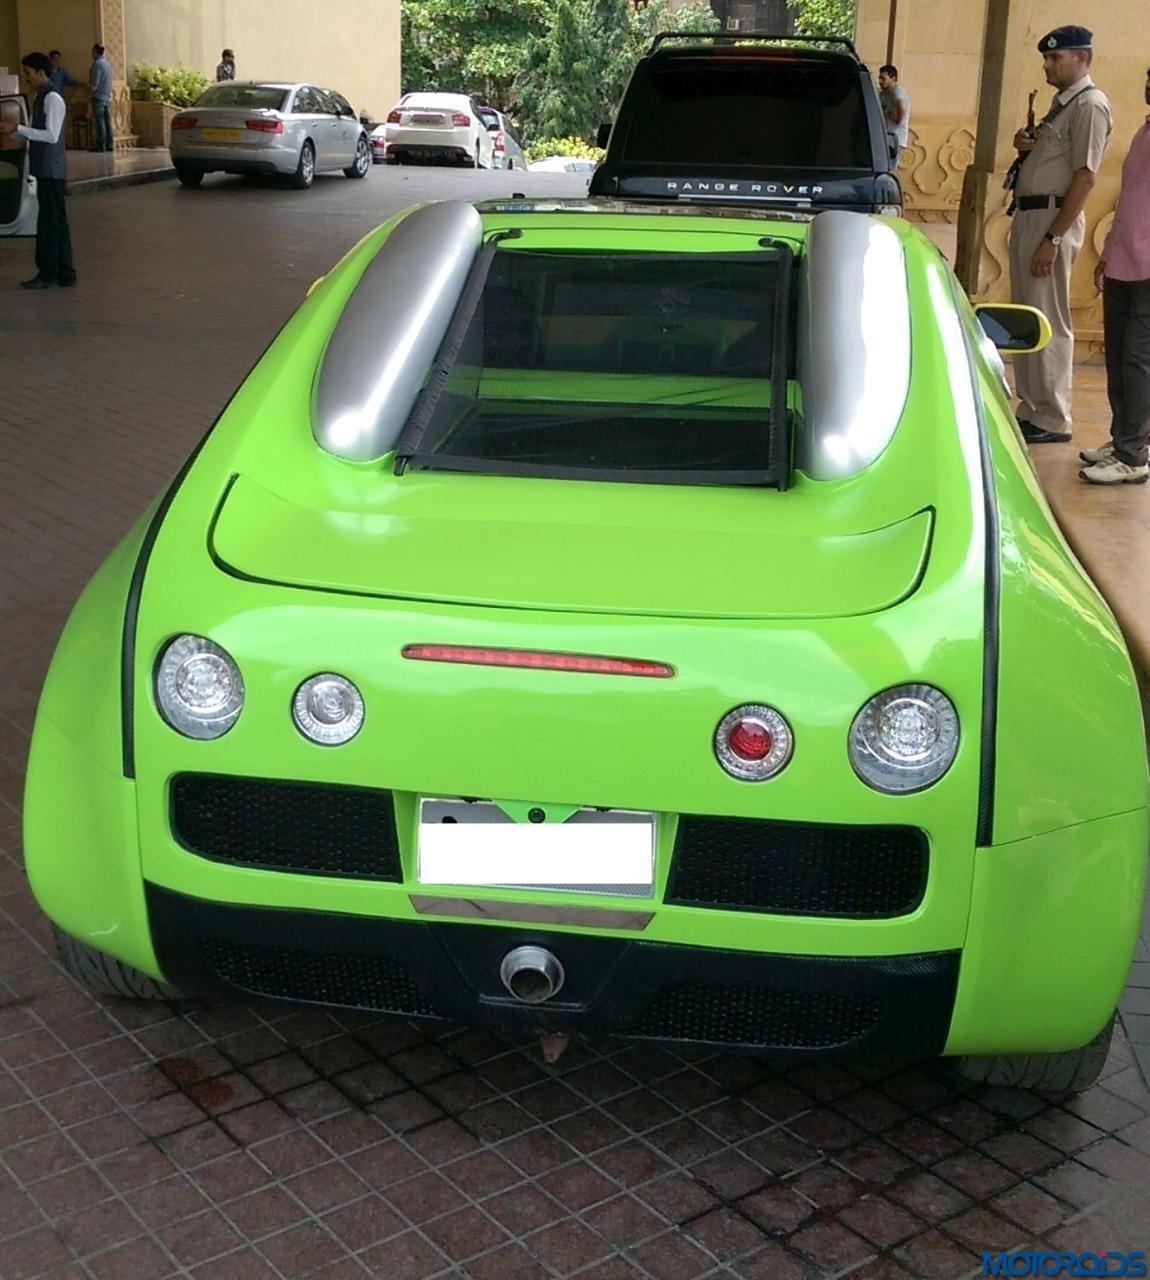 Bugatti Veyron - Replica pe baza de Honda - Bugatti Veyron - Replica pe baza de Honda